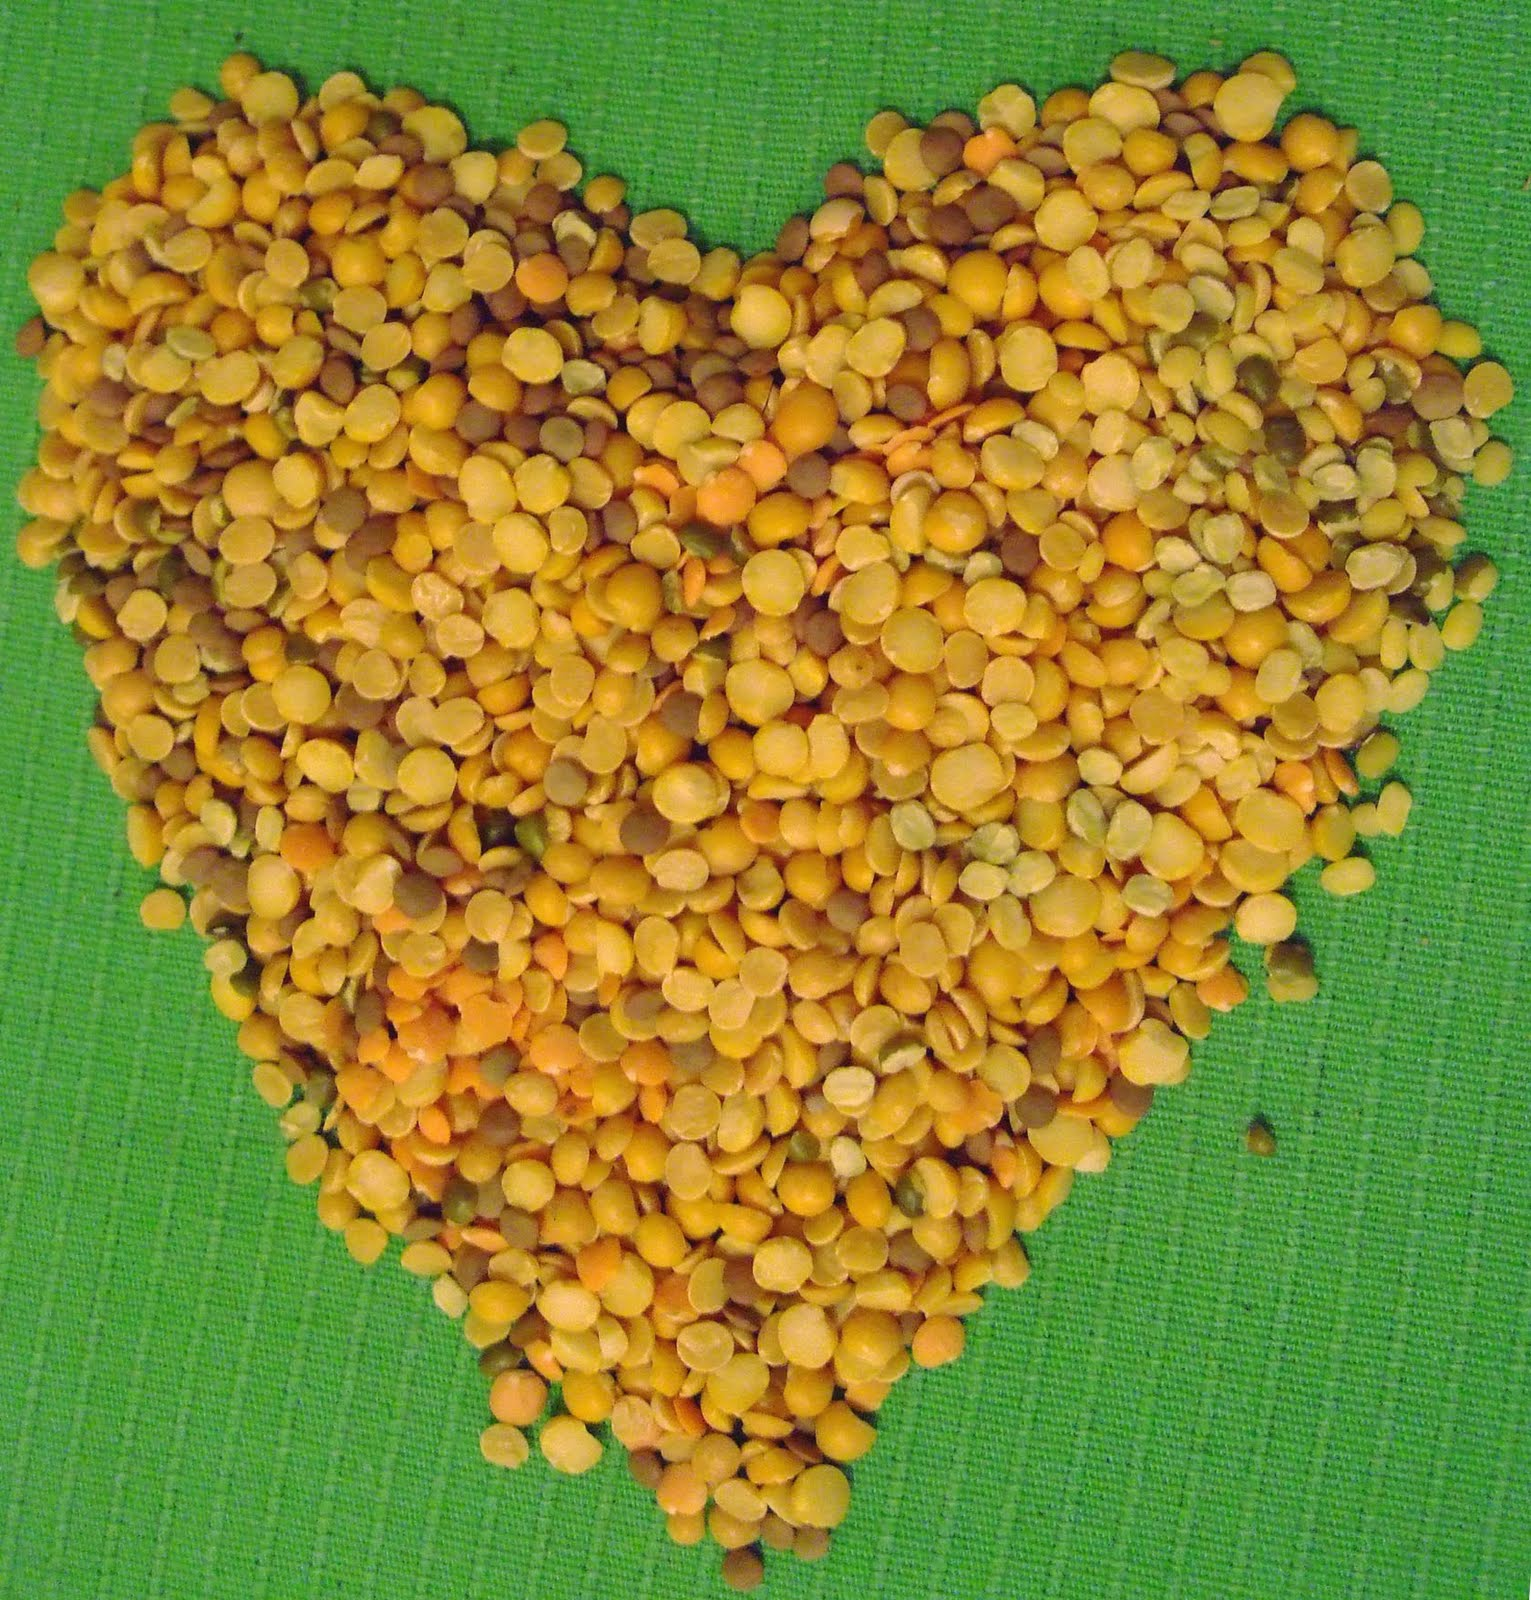 lentil-heart